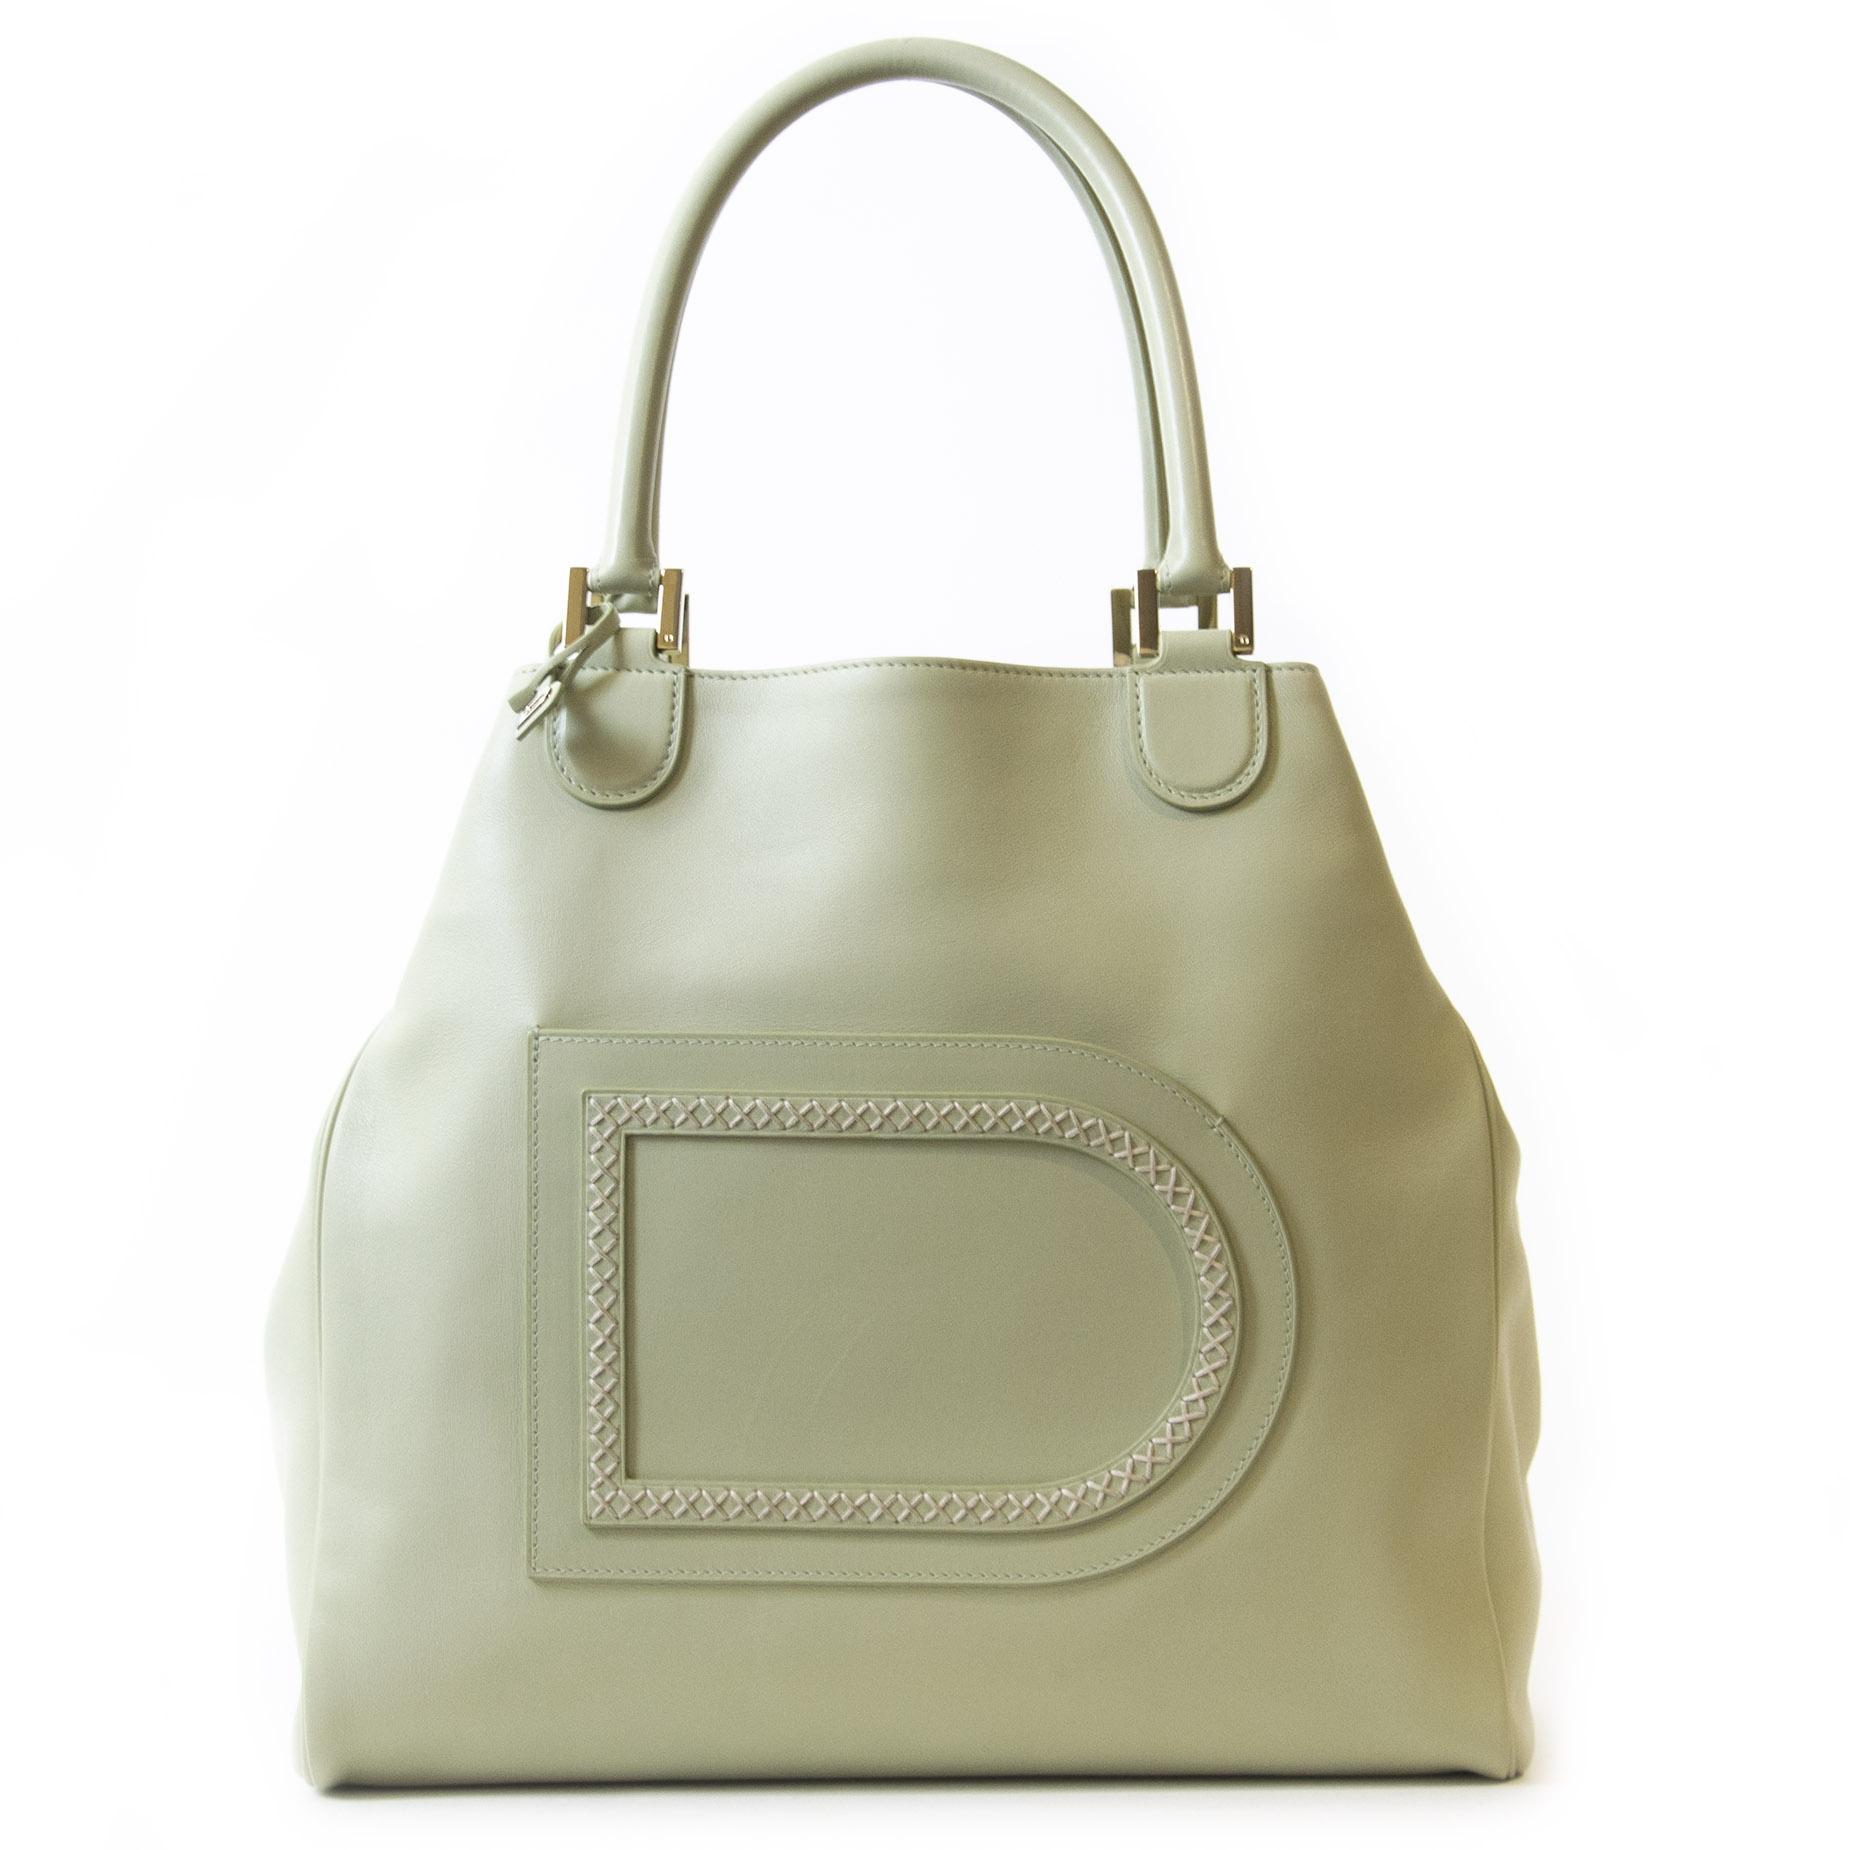 Authentieke tweedehands Delvaux Le Louise Mint Green Shoulder Bag juiste prijs veilig online winkelen LabelLOV webshop luxe merken winkelen Antwerpen België mode fashion